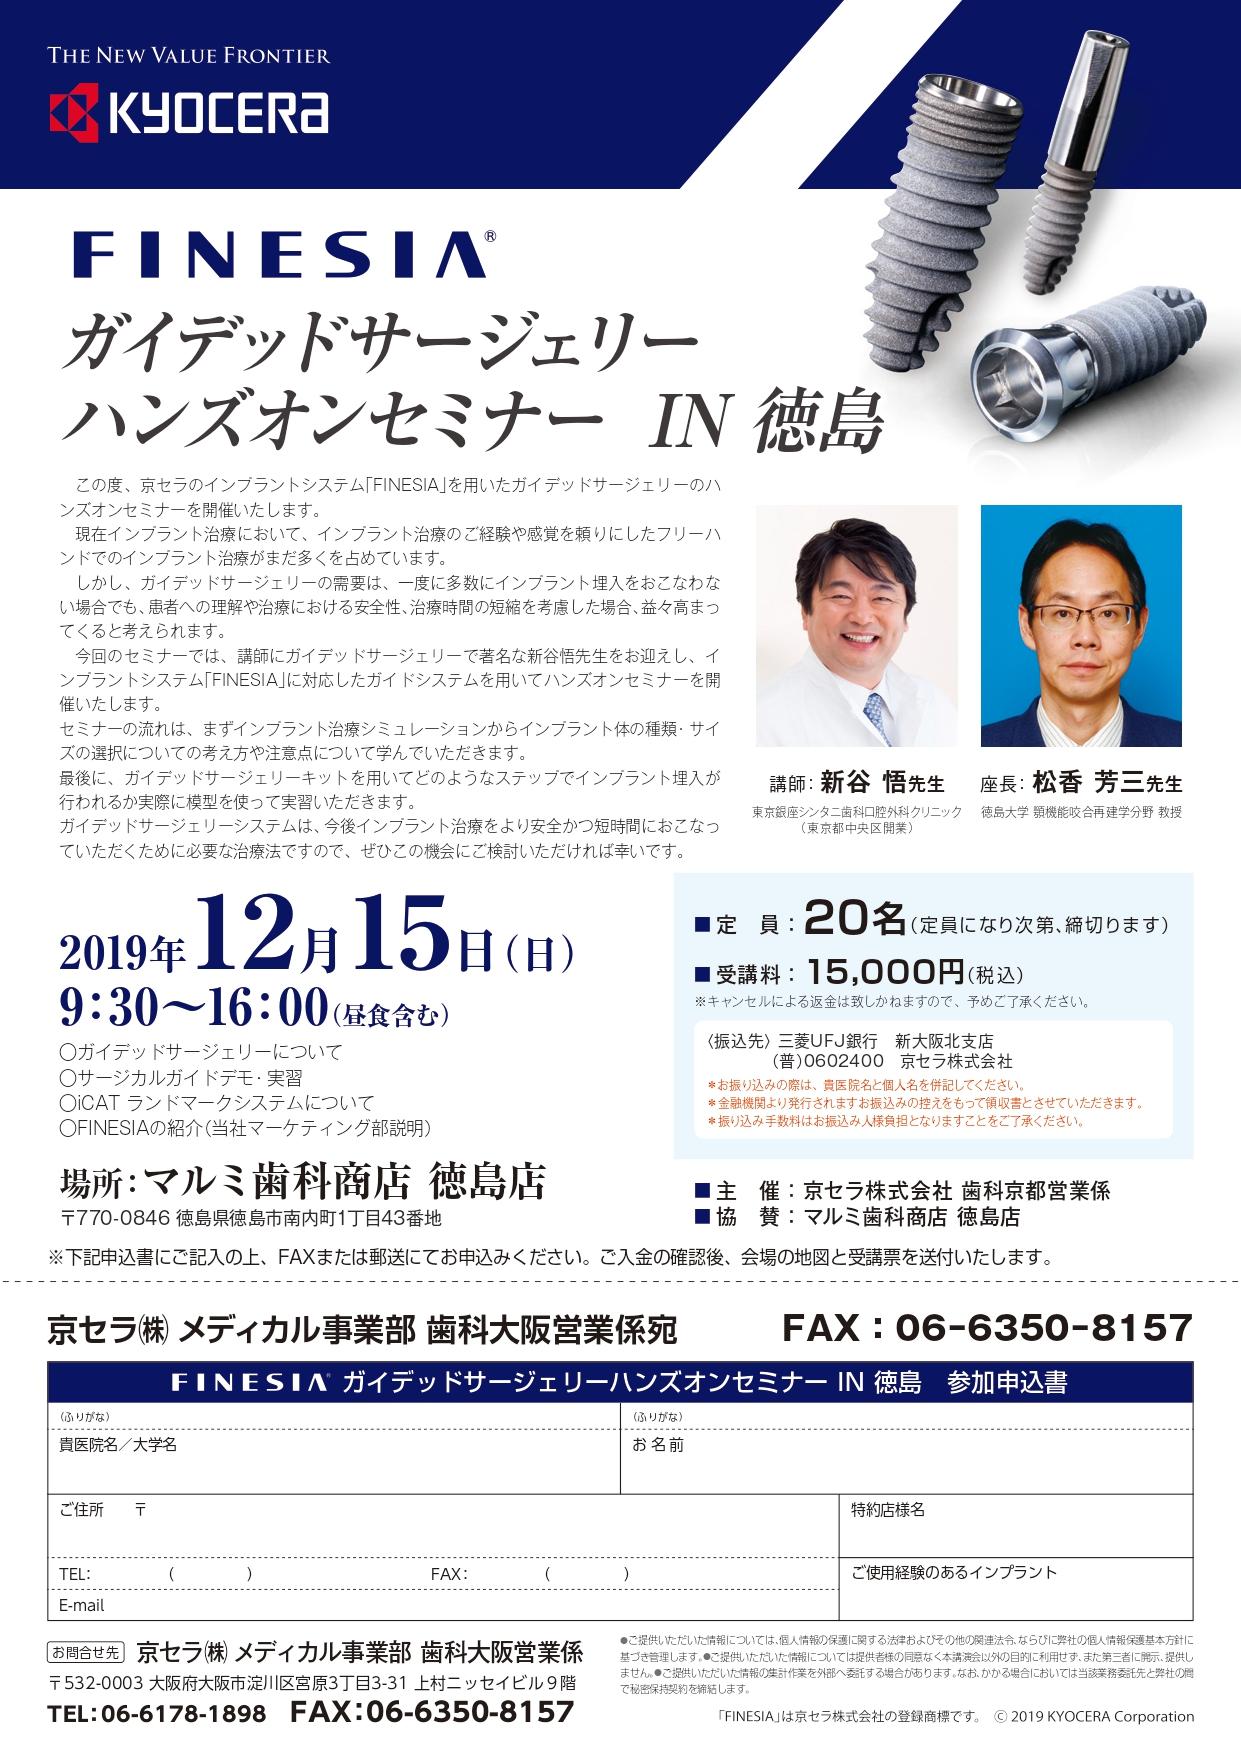 FINESIA ガイデットサージェリーハンズオンセミナー IN 徳島